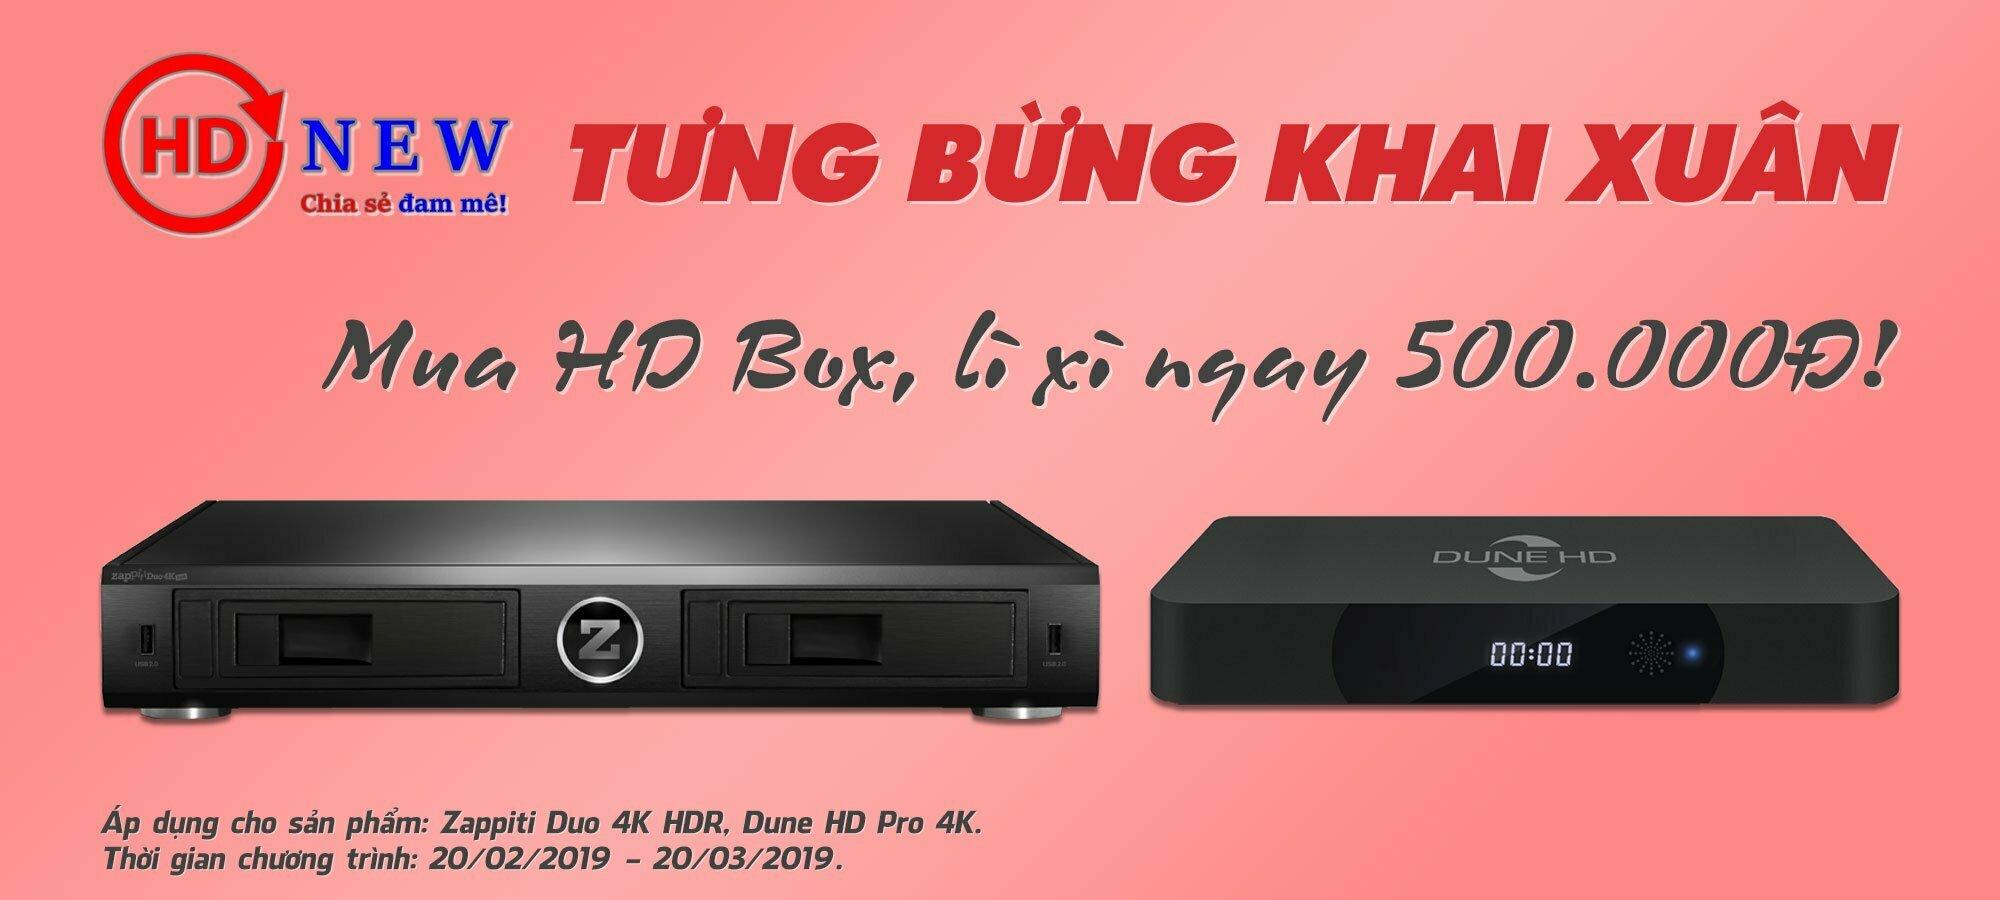 Tưng bừng khai xuân: lì xì 500.000Đ khi mua Zappiti Duo 4K HDR hoặc Dune HD Pro 4K   HDnew - Chia sẻ đam mê